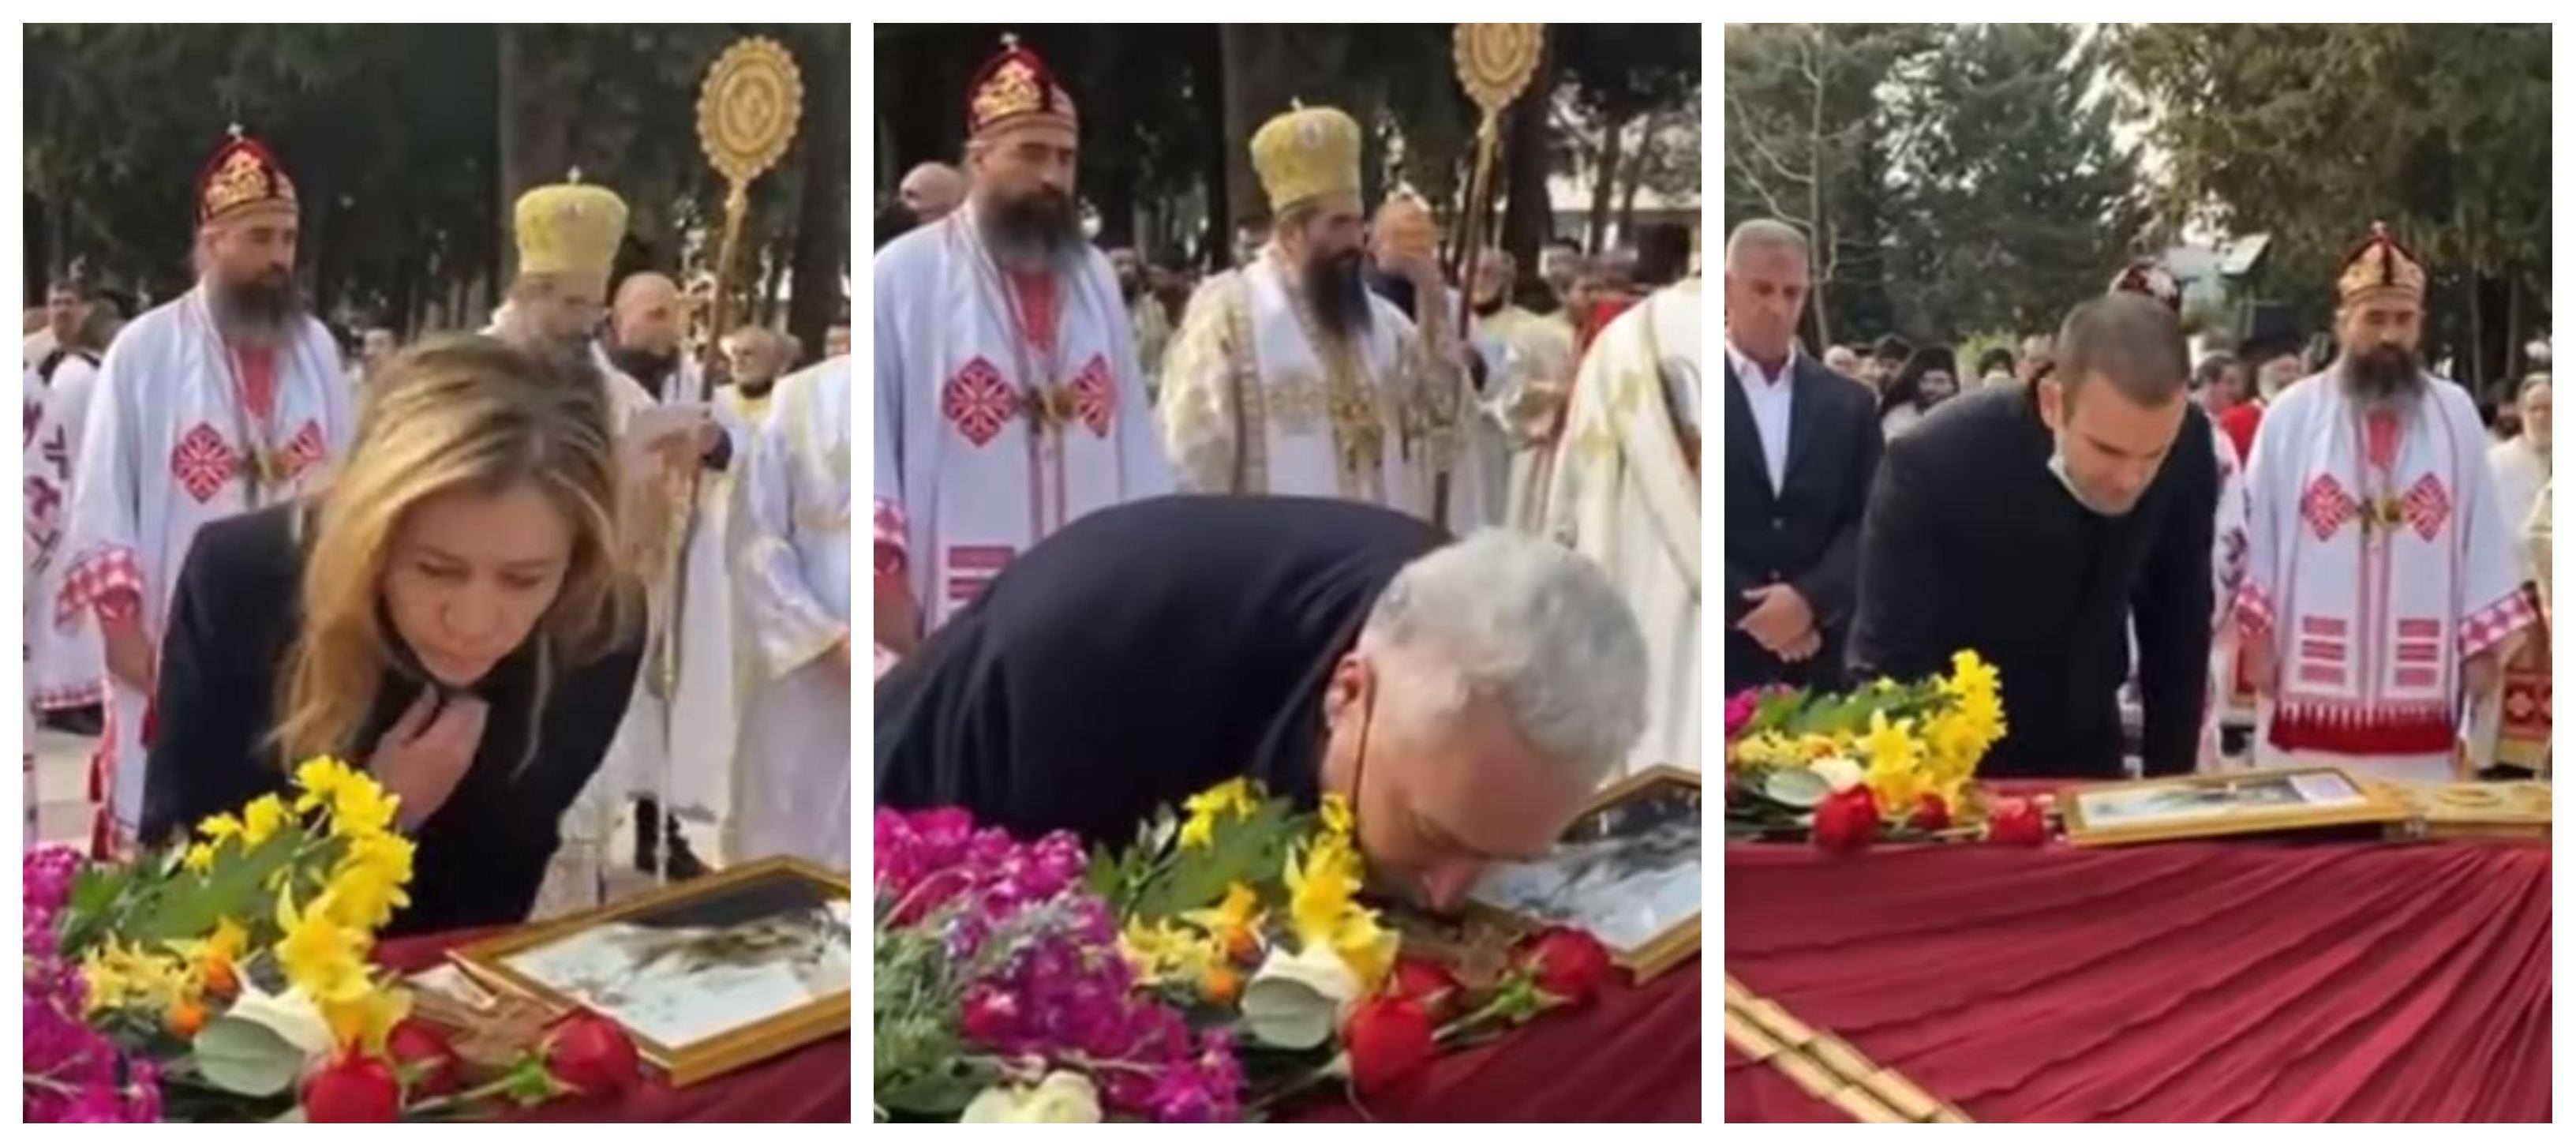 DPS: Krivokapić, Bratićka i Spajić šokirali građane neodgovornim ponašanjem